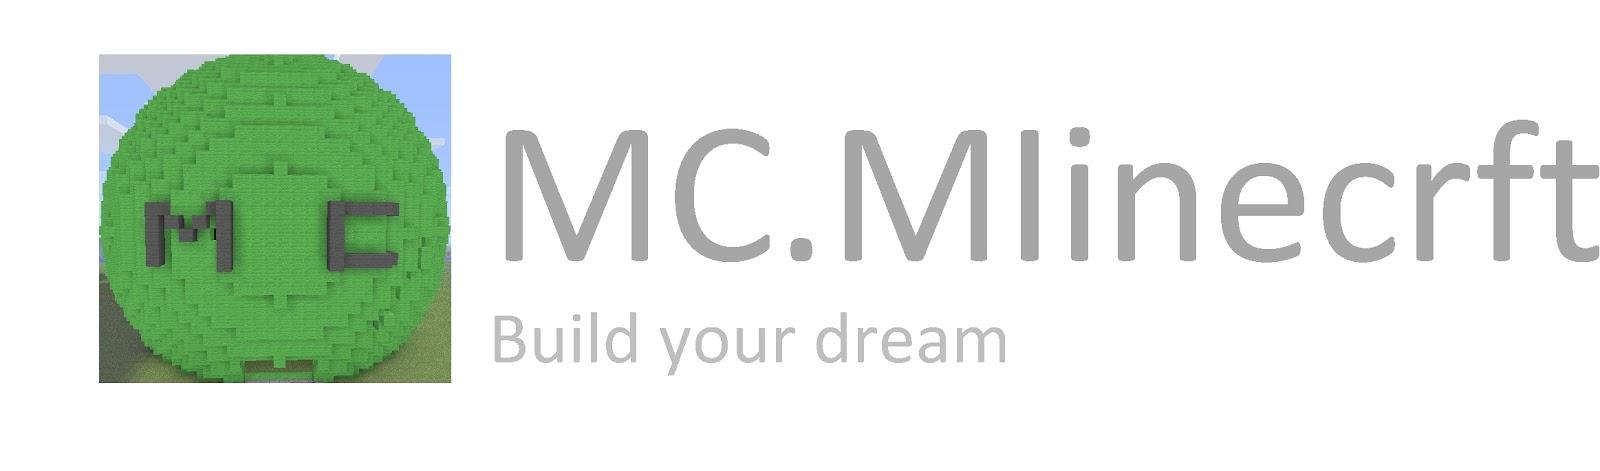 The MC Minecraft